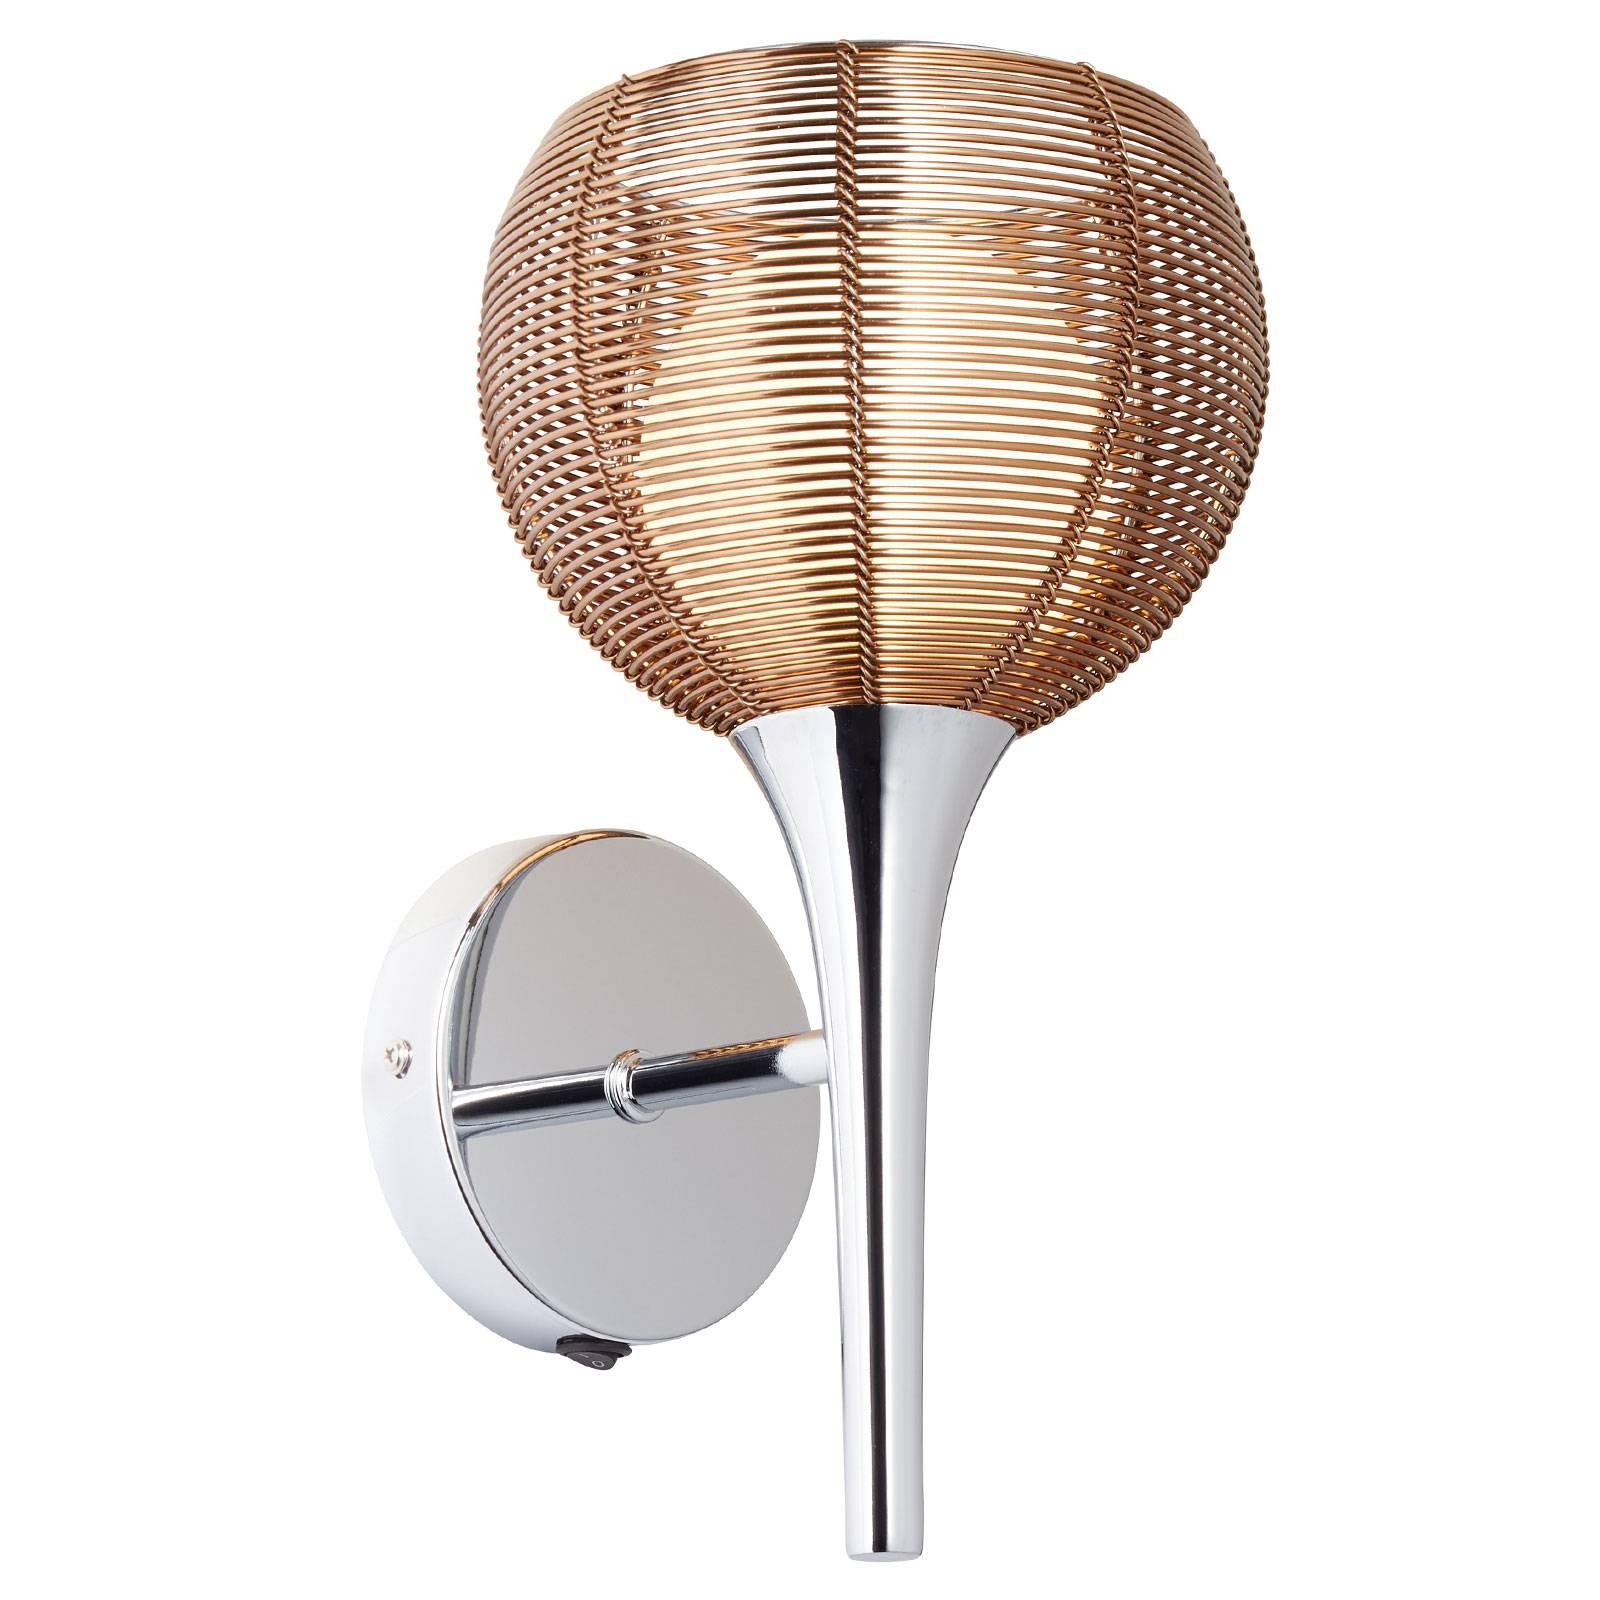 Billede af Relax hængelampe i bronze og krom